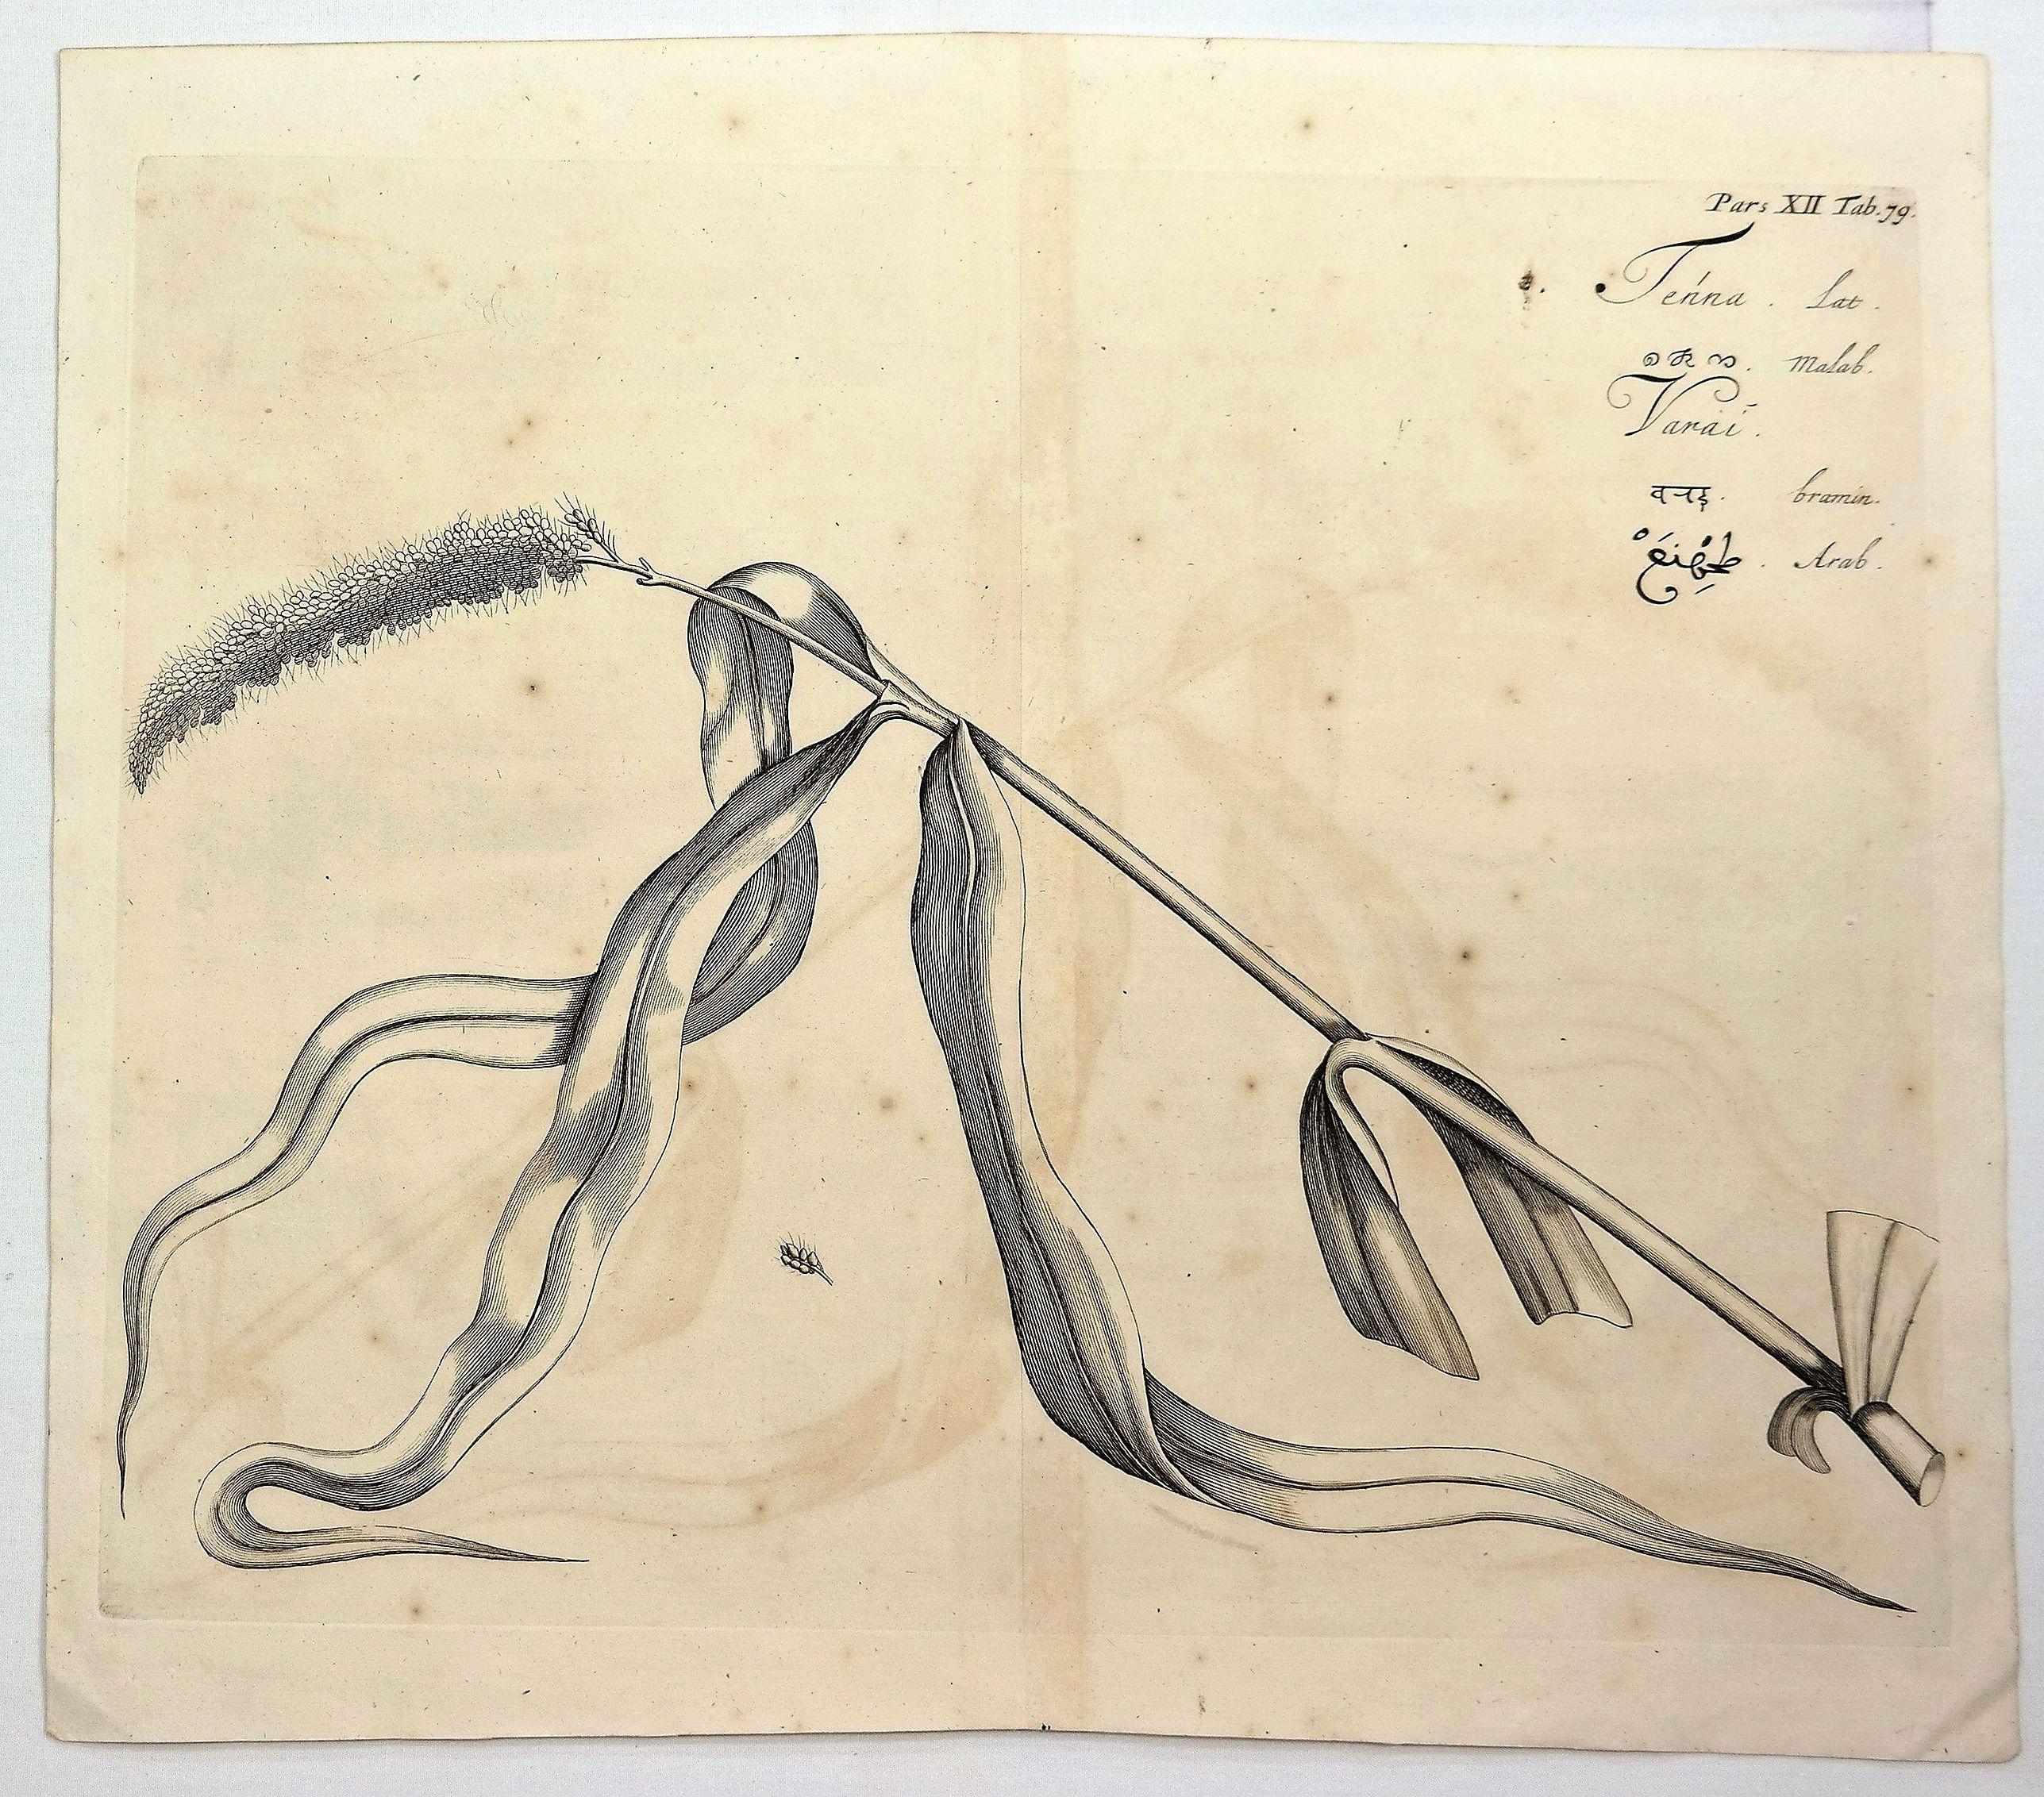 DRAKENSTEIN, H. - Tenna, Pars XII, Tab. 79.